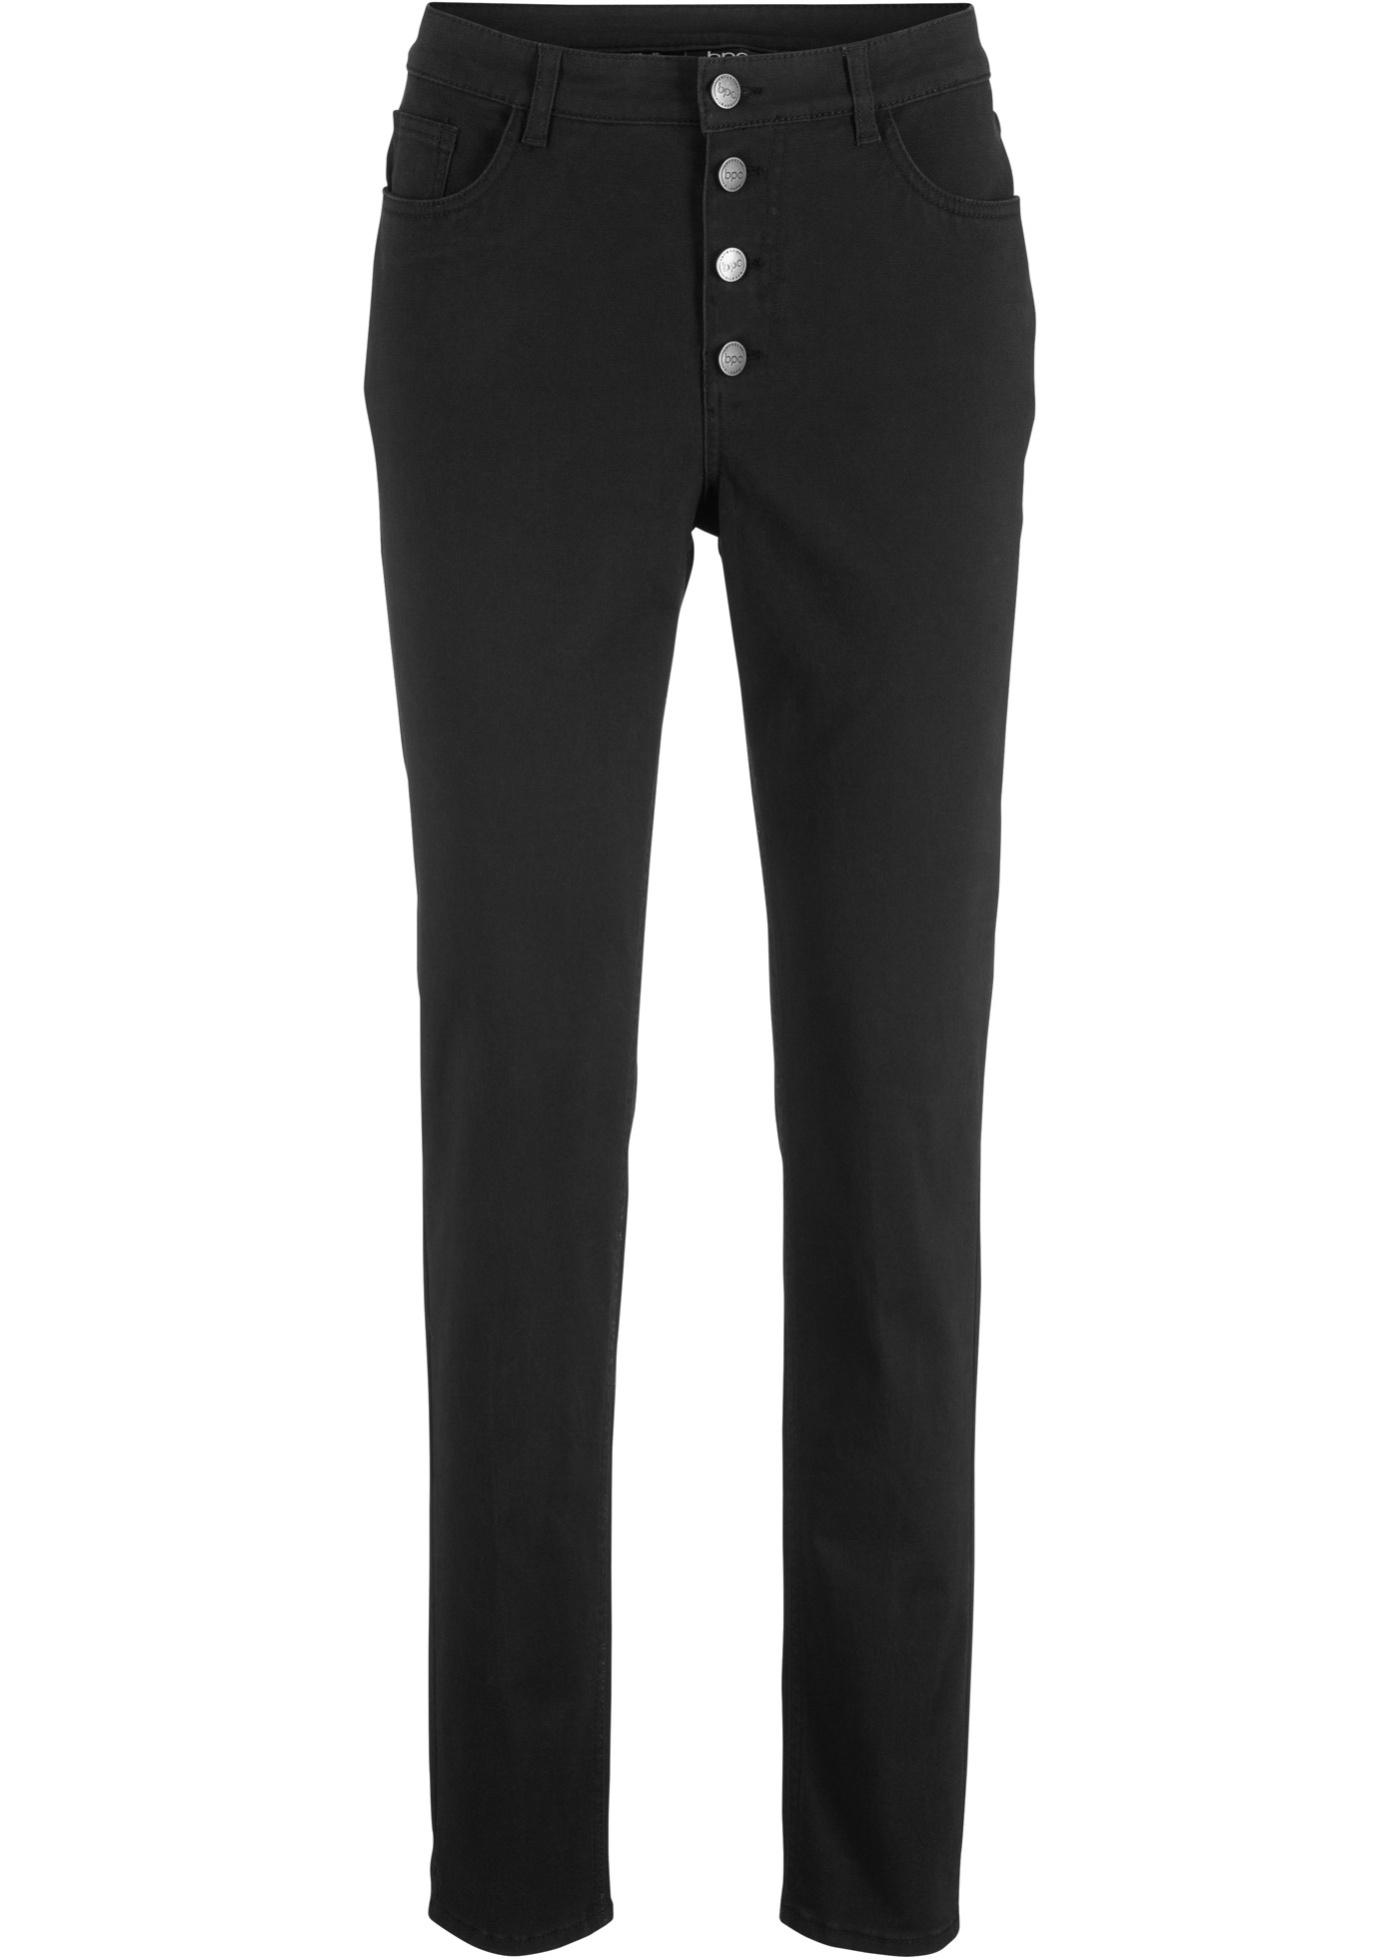 Pantalon extensible avec patte de boutonnage